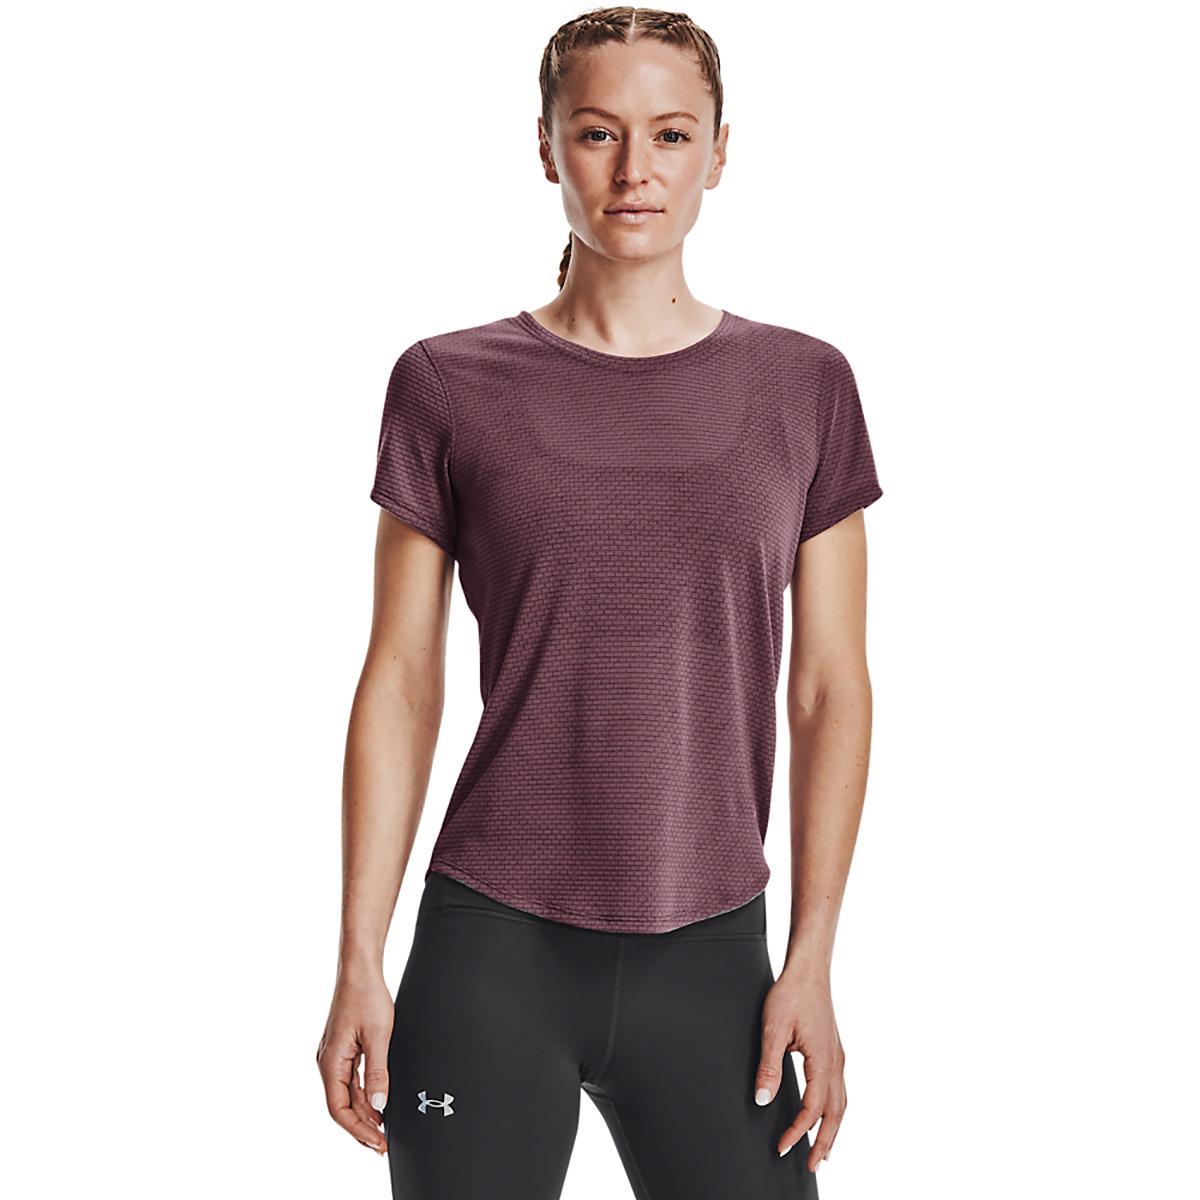 Women's Under Armour Streaker Short Sleeve Top - Color: Ash Plum/Ash Plum/Reflective - Size: XS, Ash Plum/Ash Plum/Reflective, large, image 1